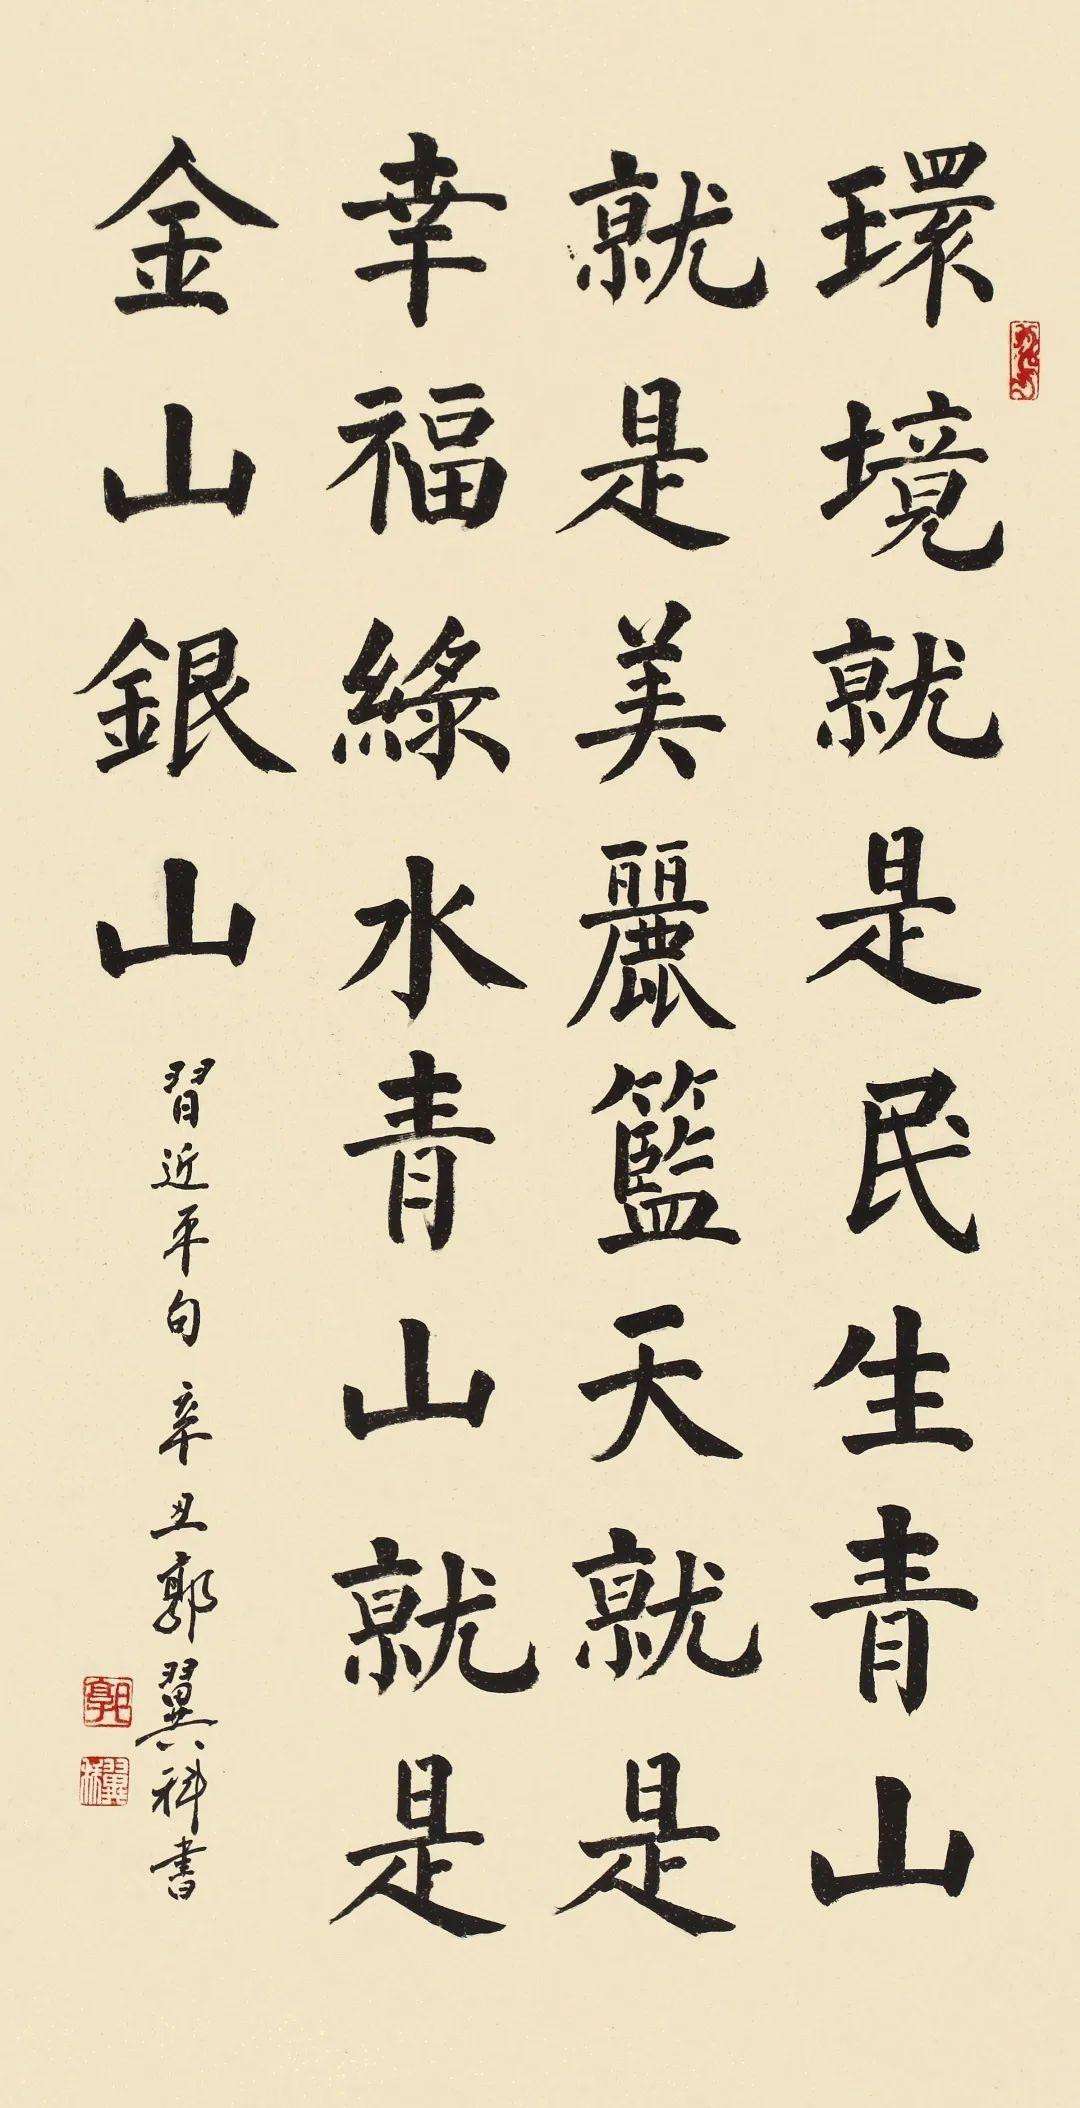 广东省书法家协会会员、广州市书法家协会会员、广州羊城书法研究会理事郭翼科